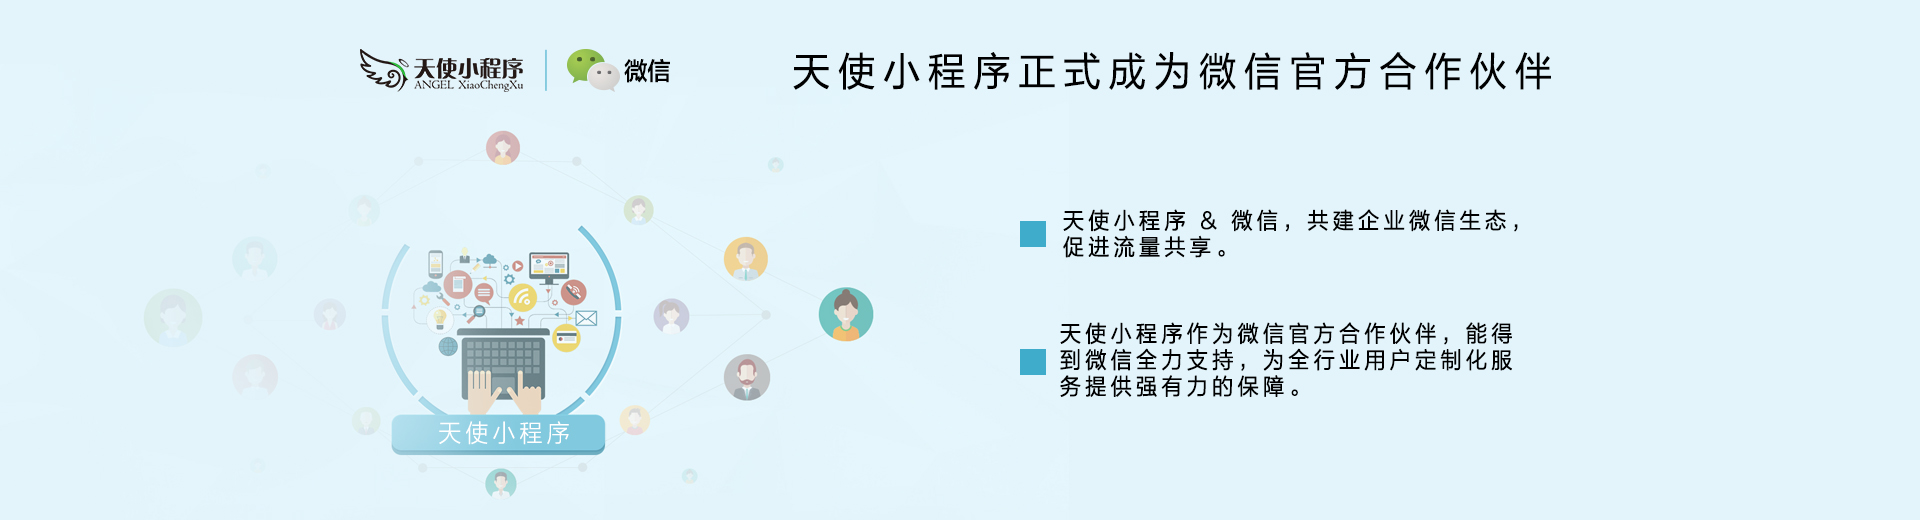 小鸟装修网正式成为微信官方合作伙伴banner1920x520.jpg